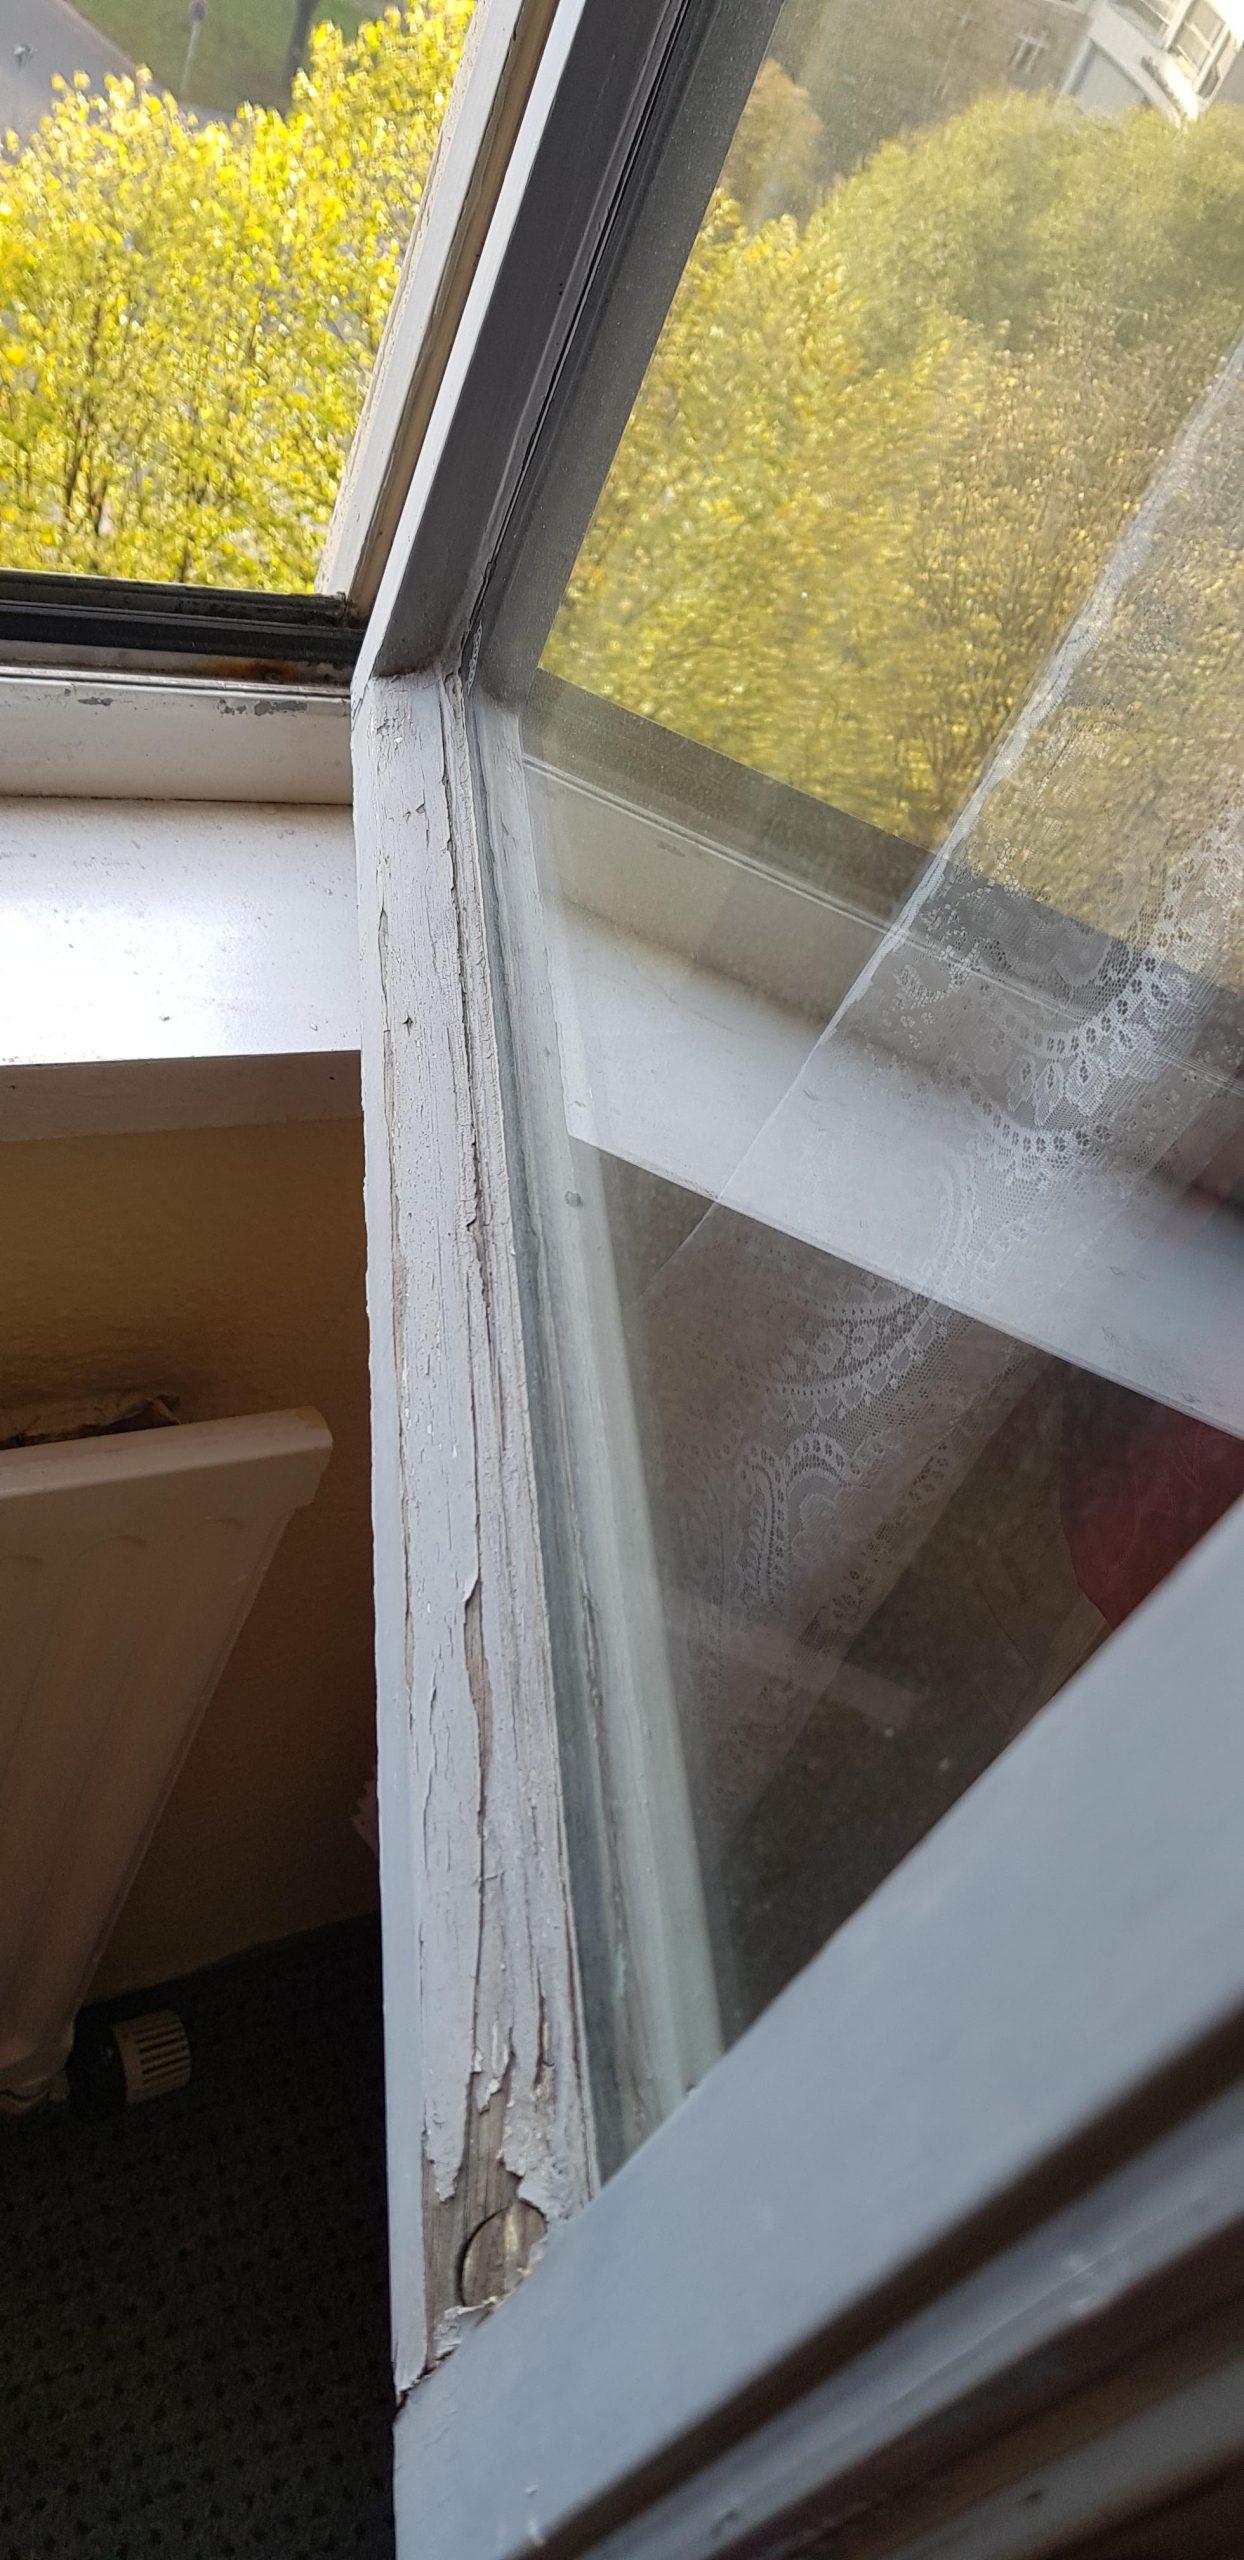 Full Size of Fenster Abdichten Womit Kann Ich Dieses Physik Einbruchschutz Sicherheitsfolie Test Fliegengitter Verdunkelung Für Folie Weru Preise Rolladen Verdunkeln Fenster Fenster Abdichten